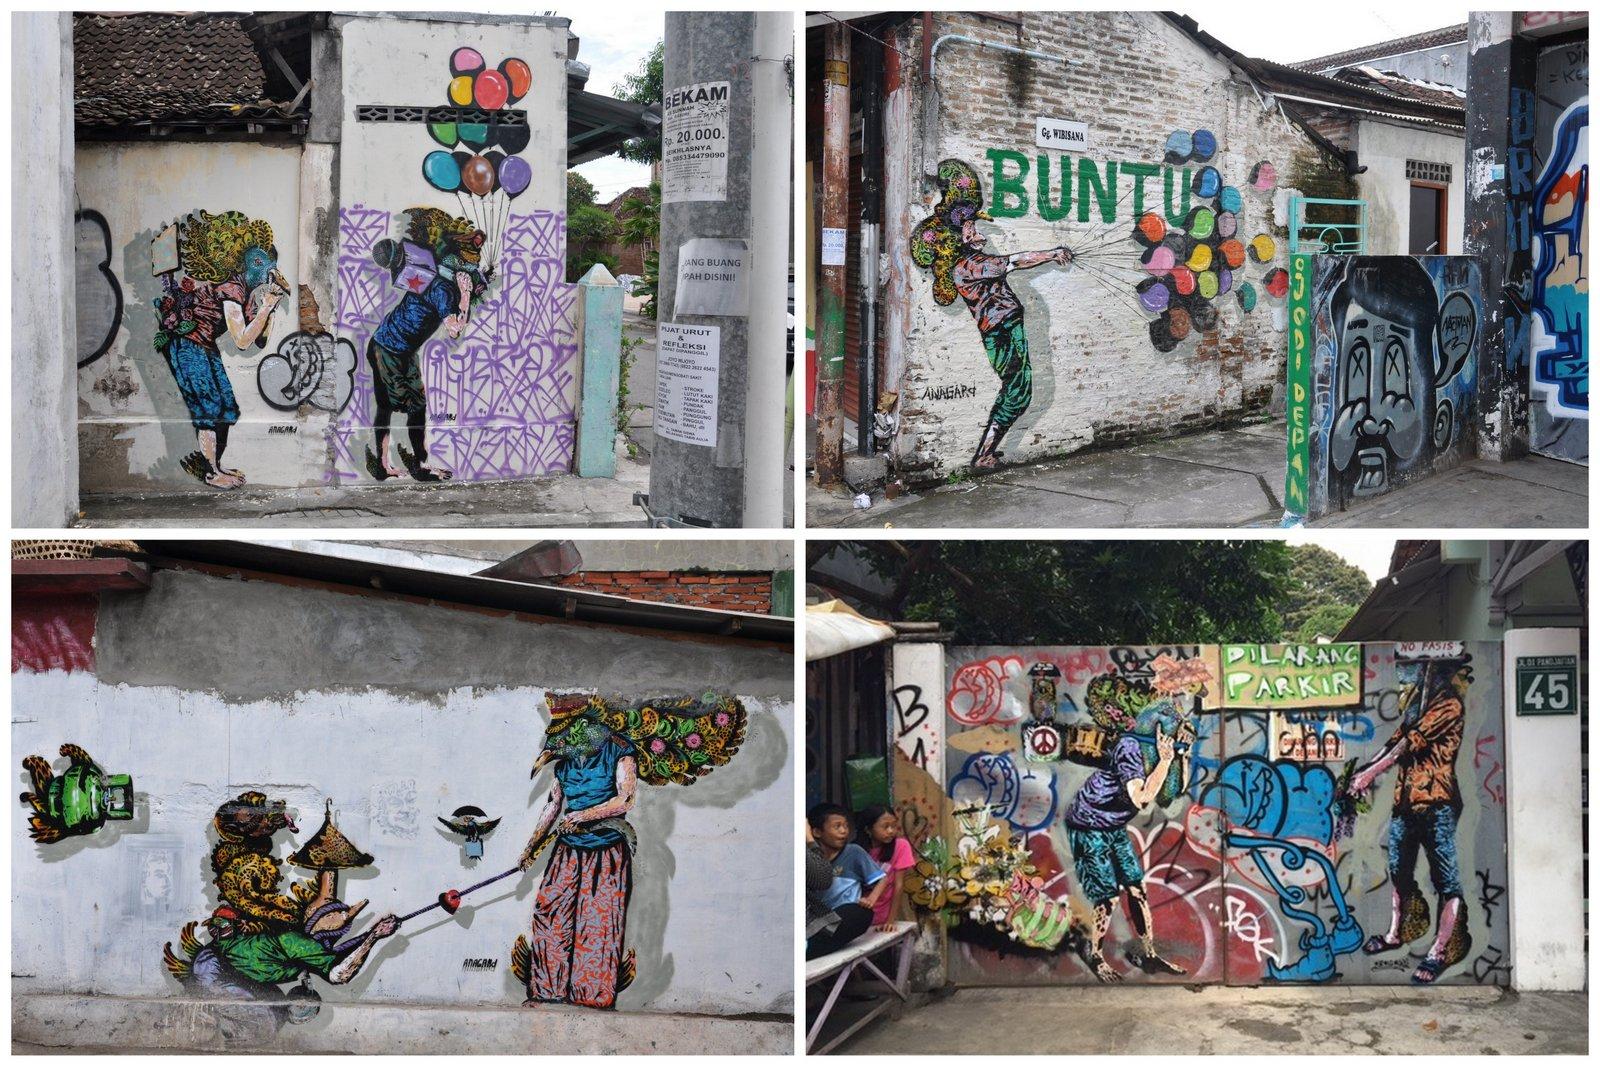 Arte callejero por el artista de Yogyakarta Anagard